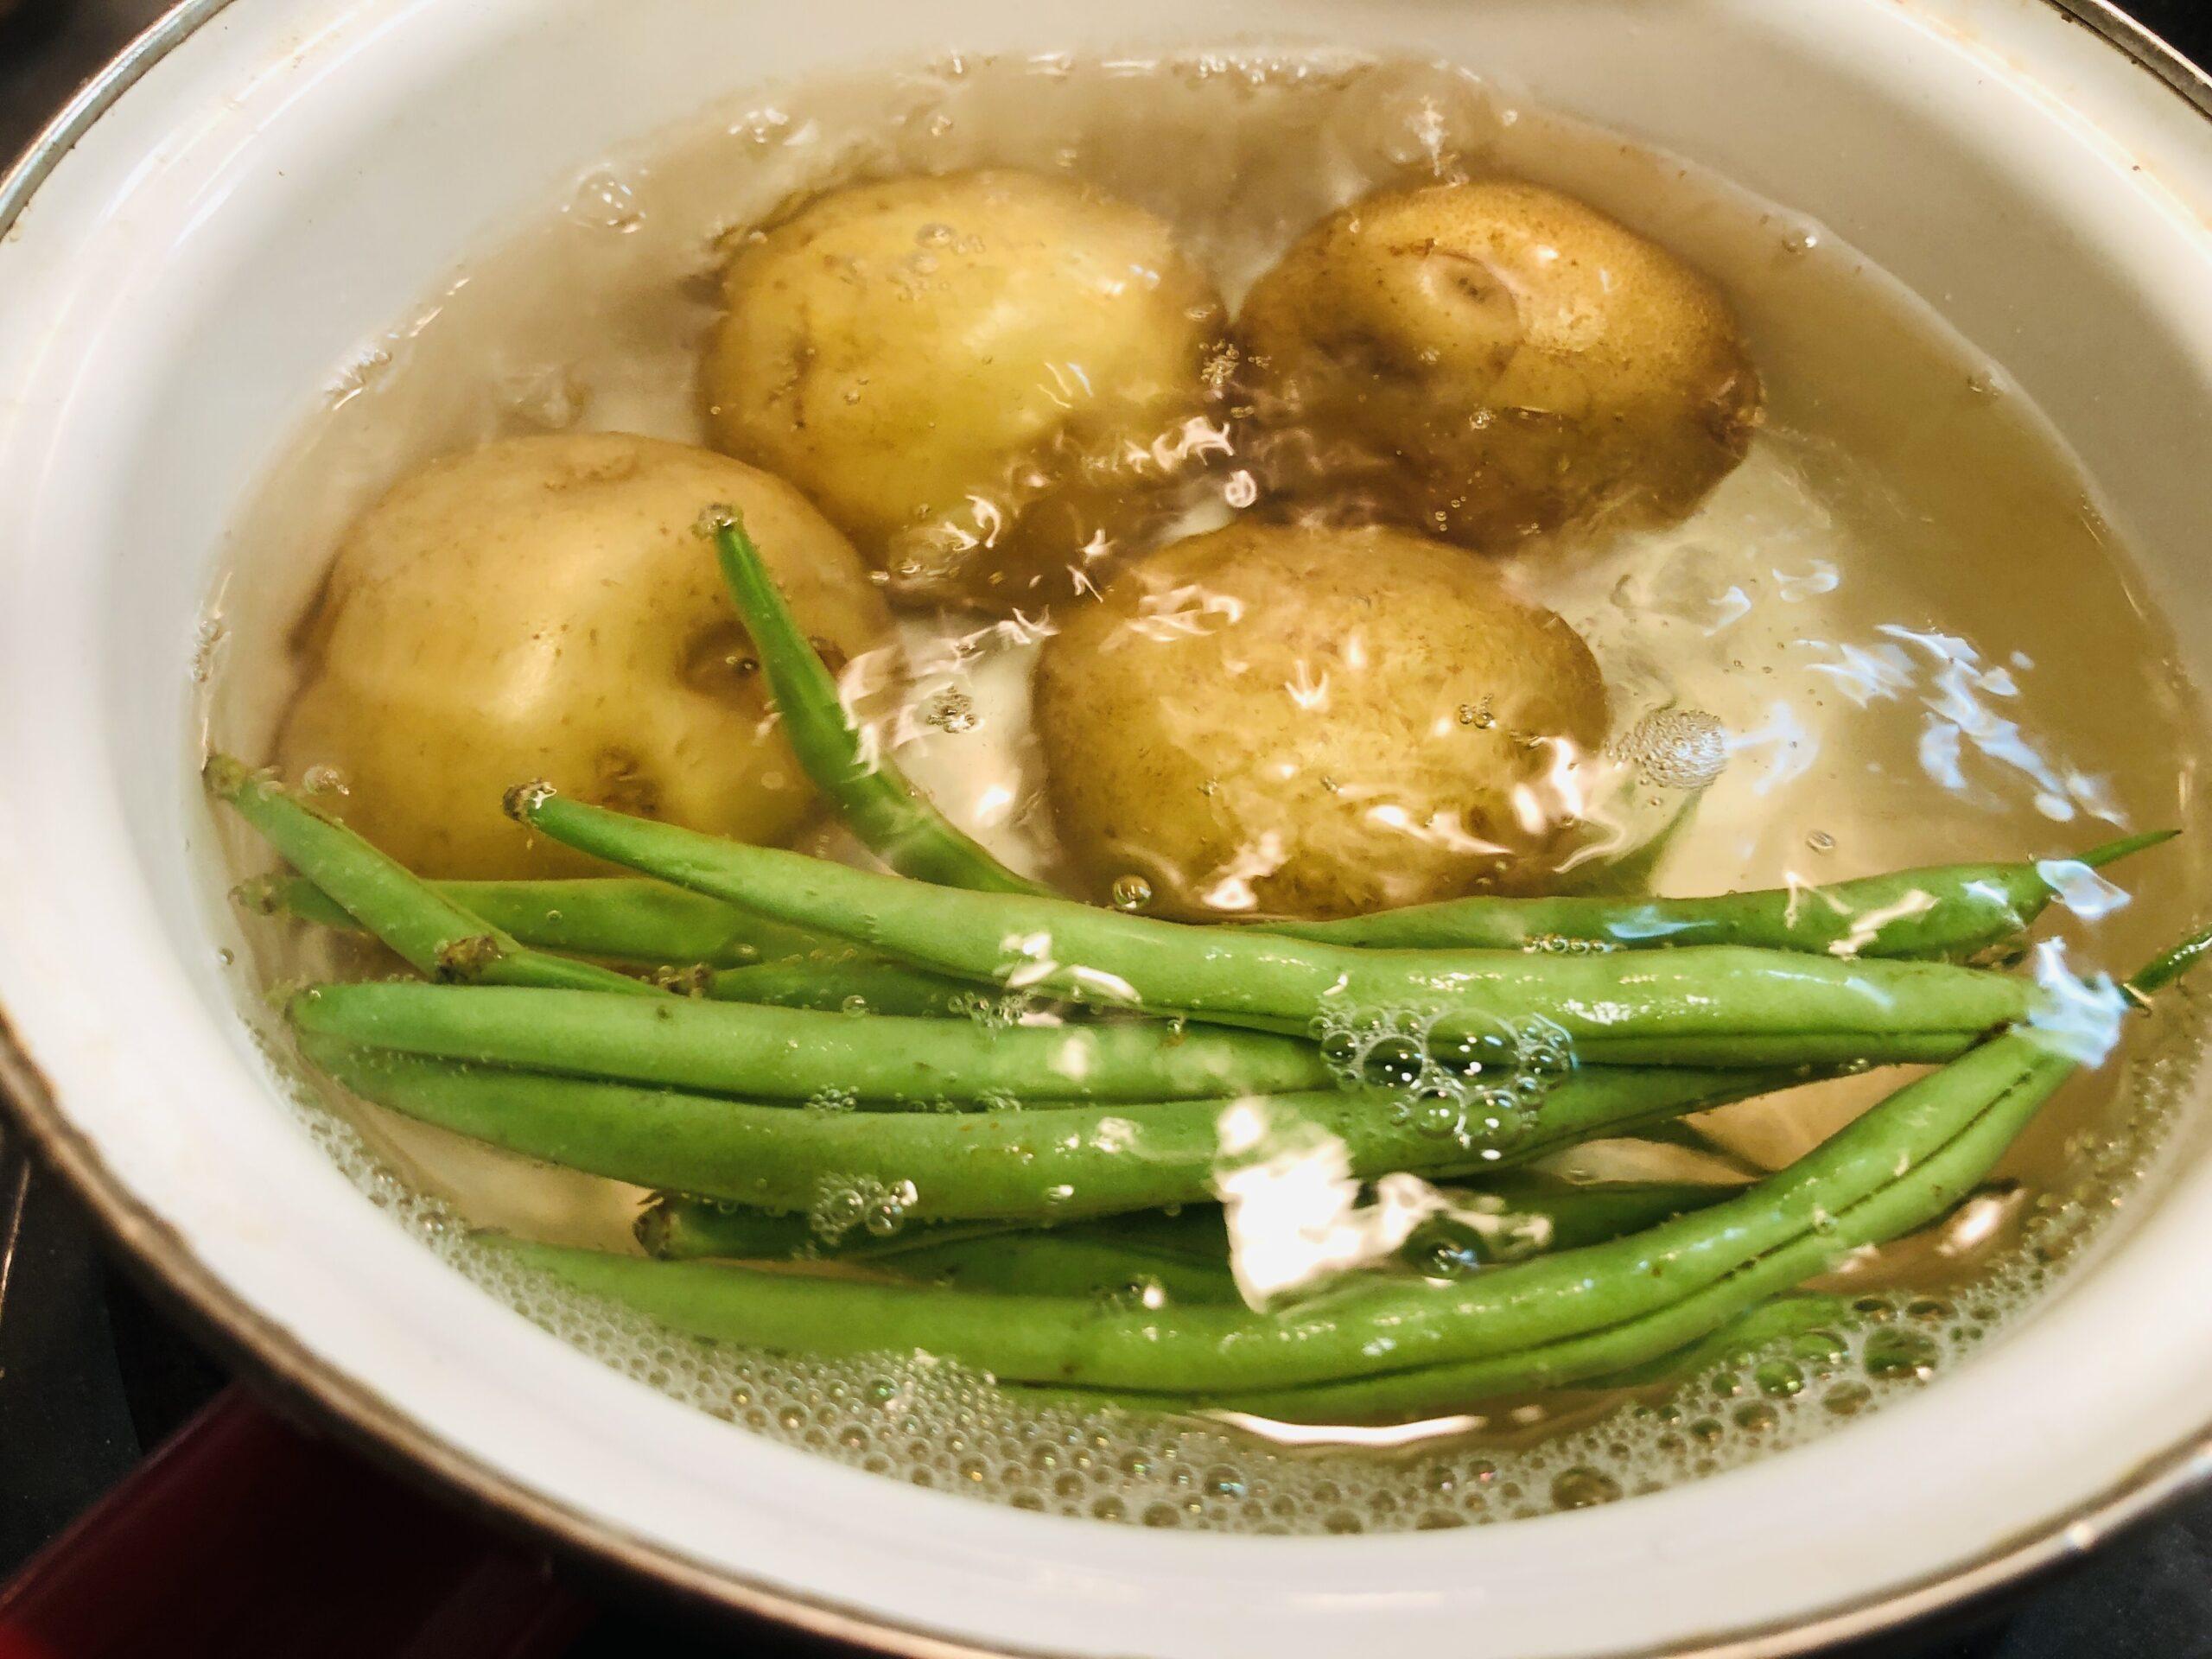 新じゃがいもが固めに茹で上がったので、インゲンを入れて、茹でている様子の画像です。